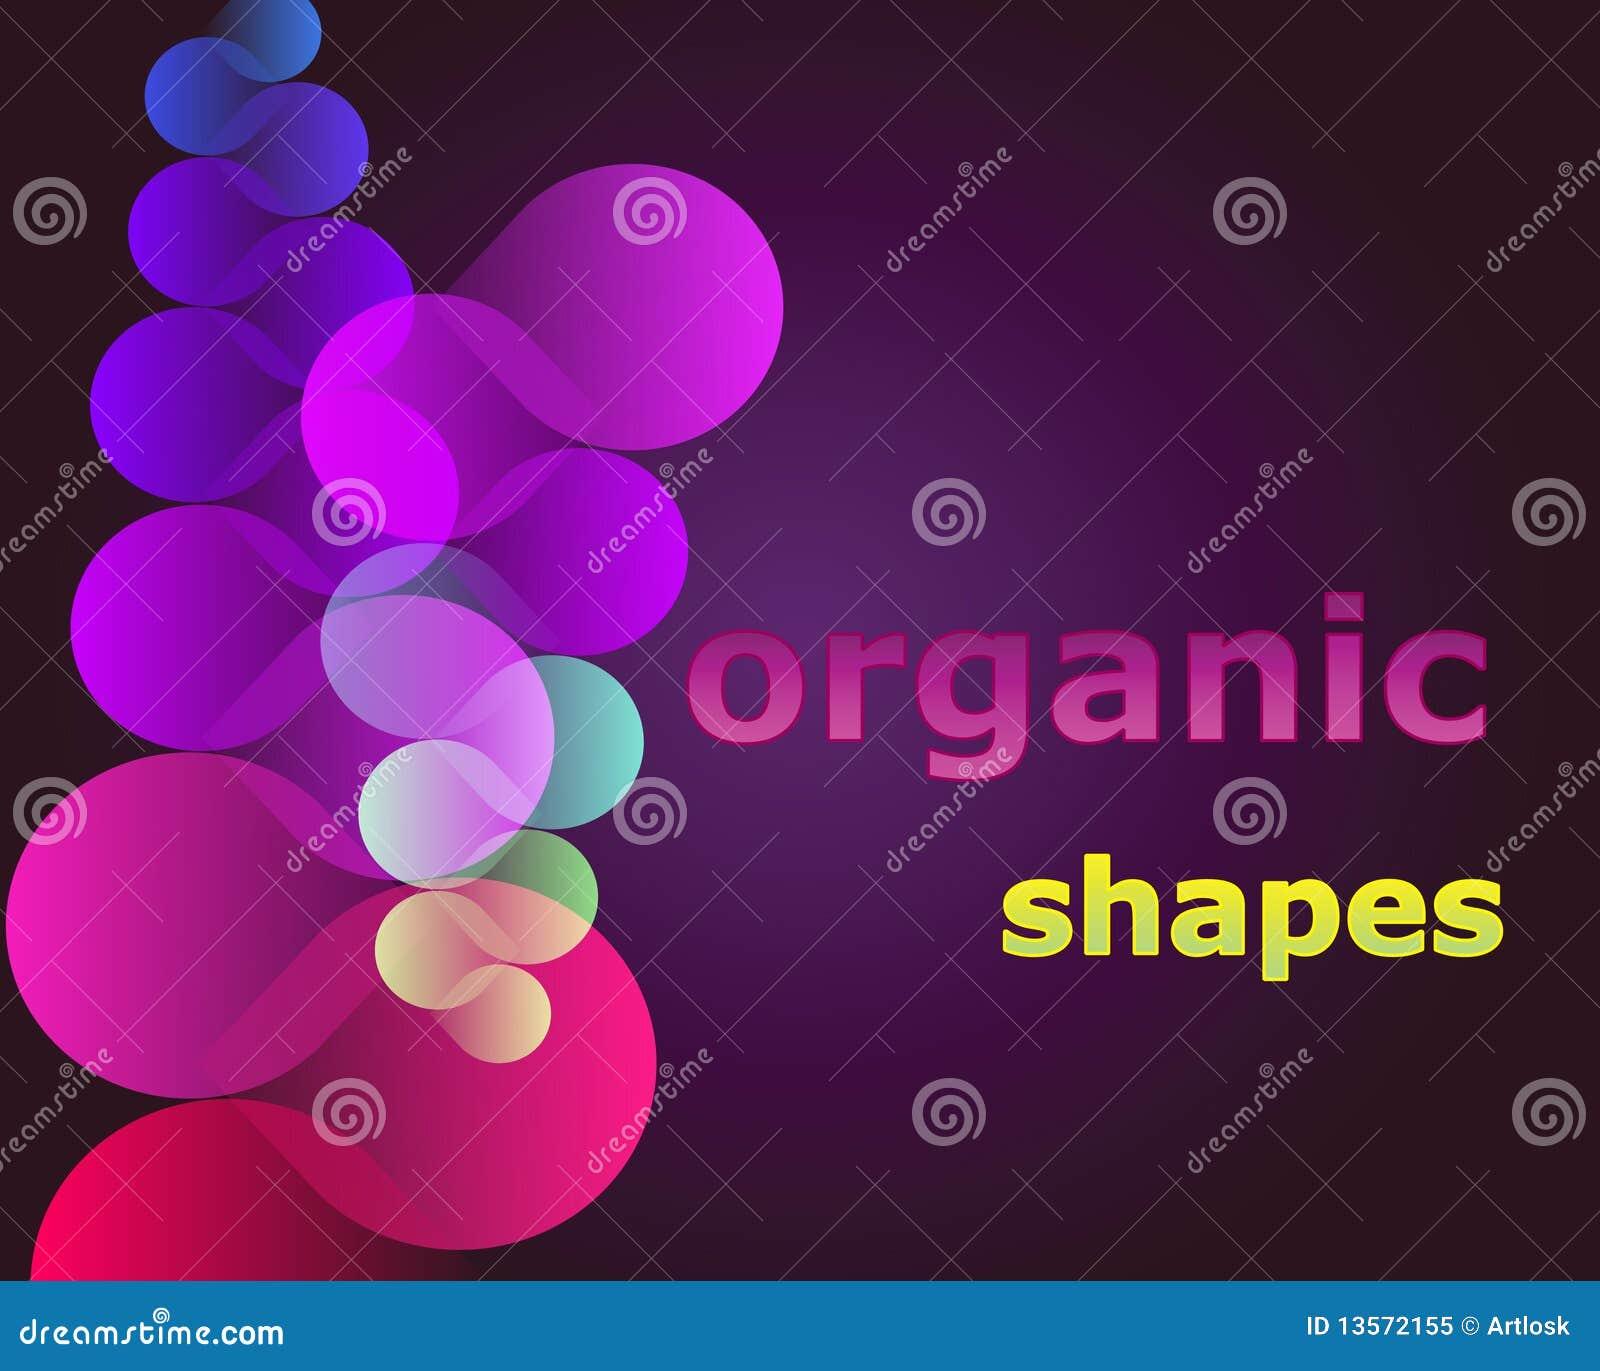 Organic Shapes Royalty Free Stock Photo Image 13572155